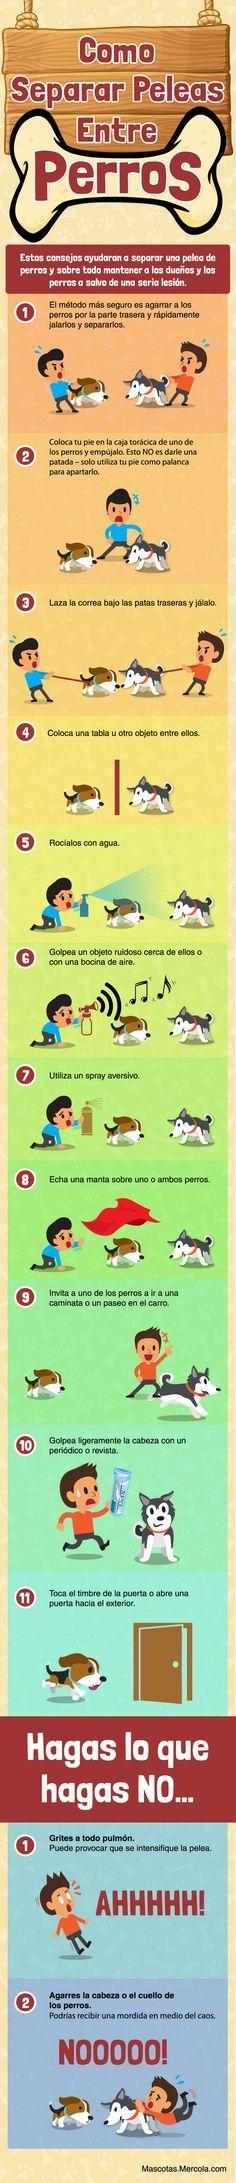 Descubre la mejor manera de separar una pelea de perros a través de esta infografía. Estos consejos te ayudaran a mantenerte a ti y a tus mascotas a salvo de una seria lesión. http://mascotas.mercola.com/infografias/como-separar-una-pelea-de-perros.aspx